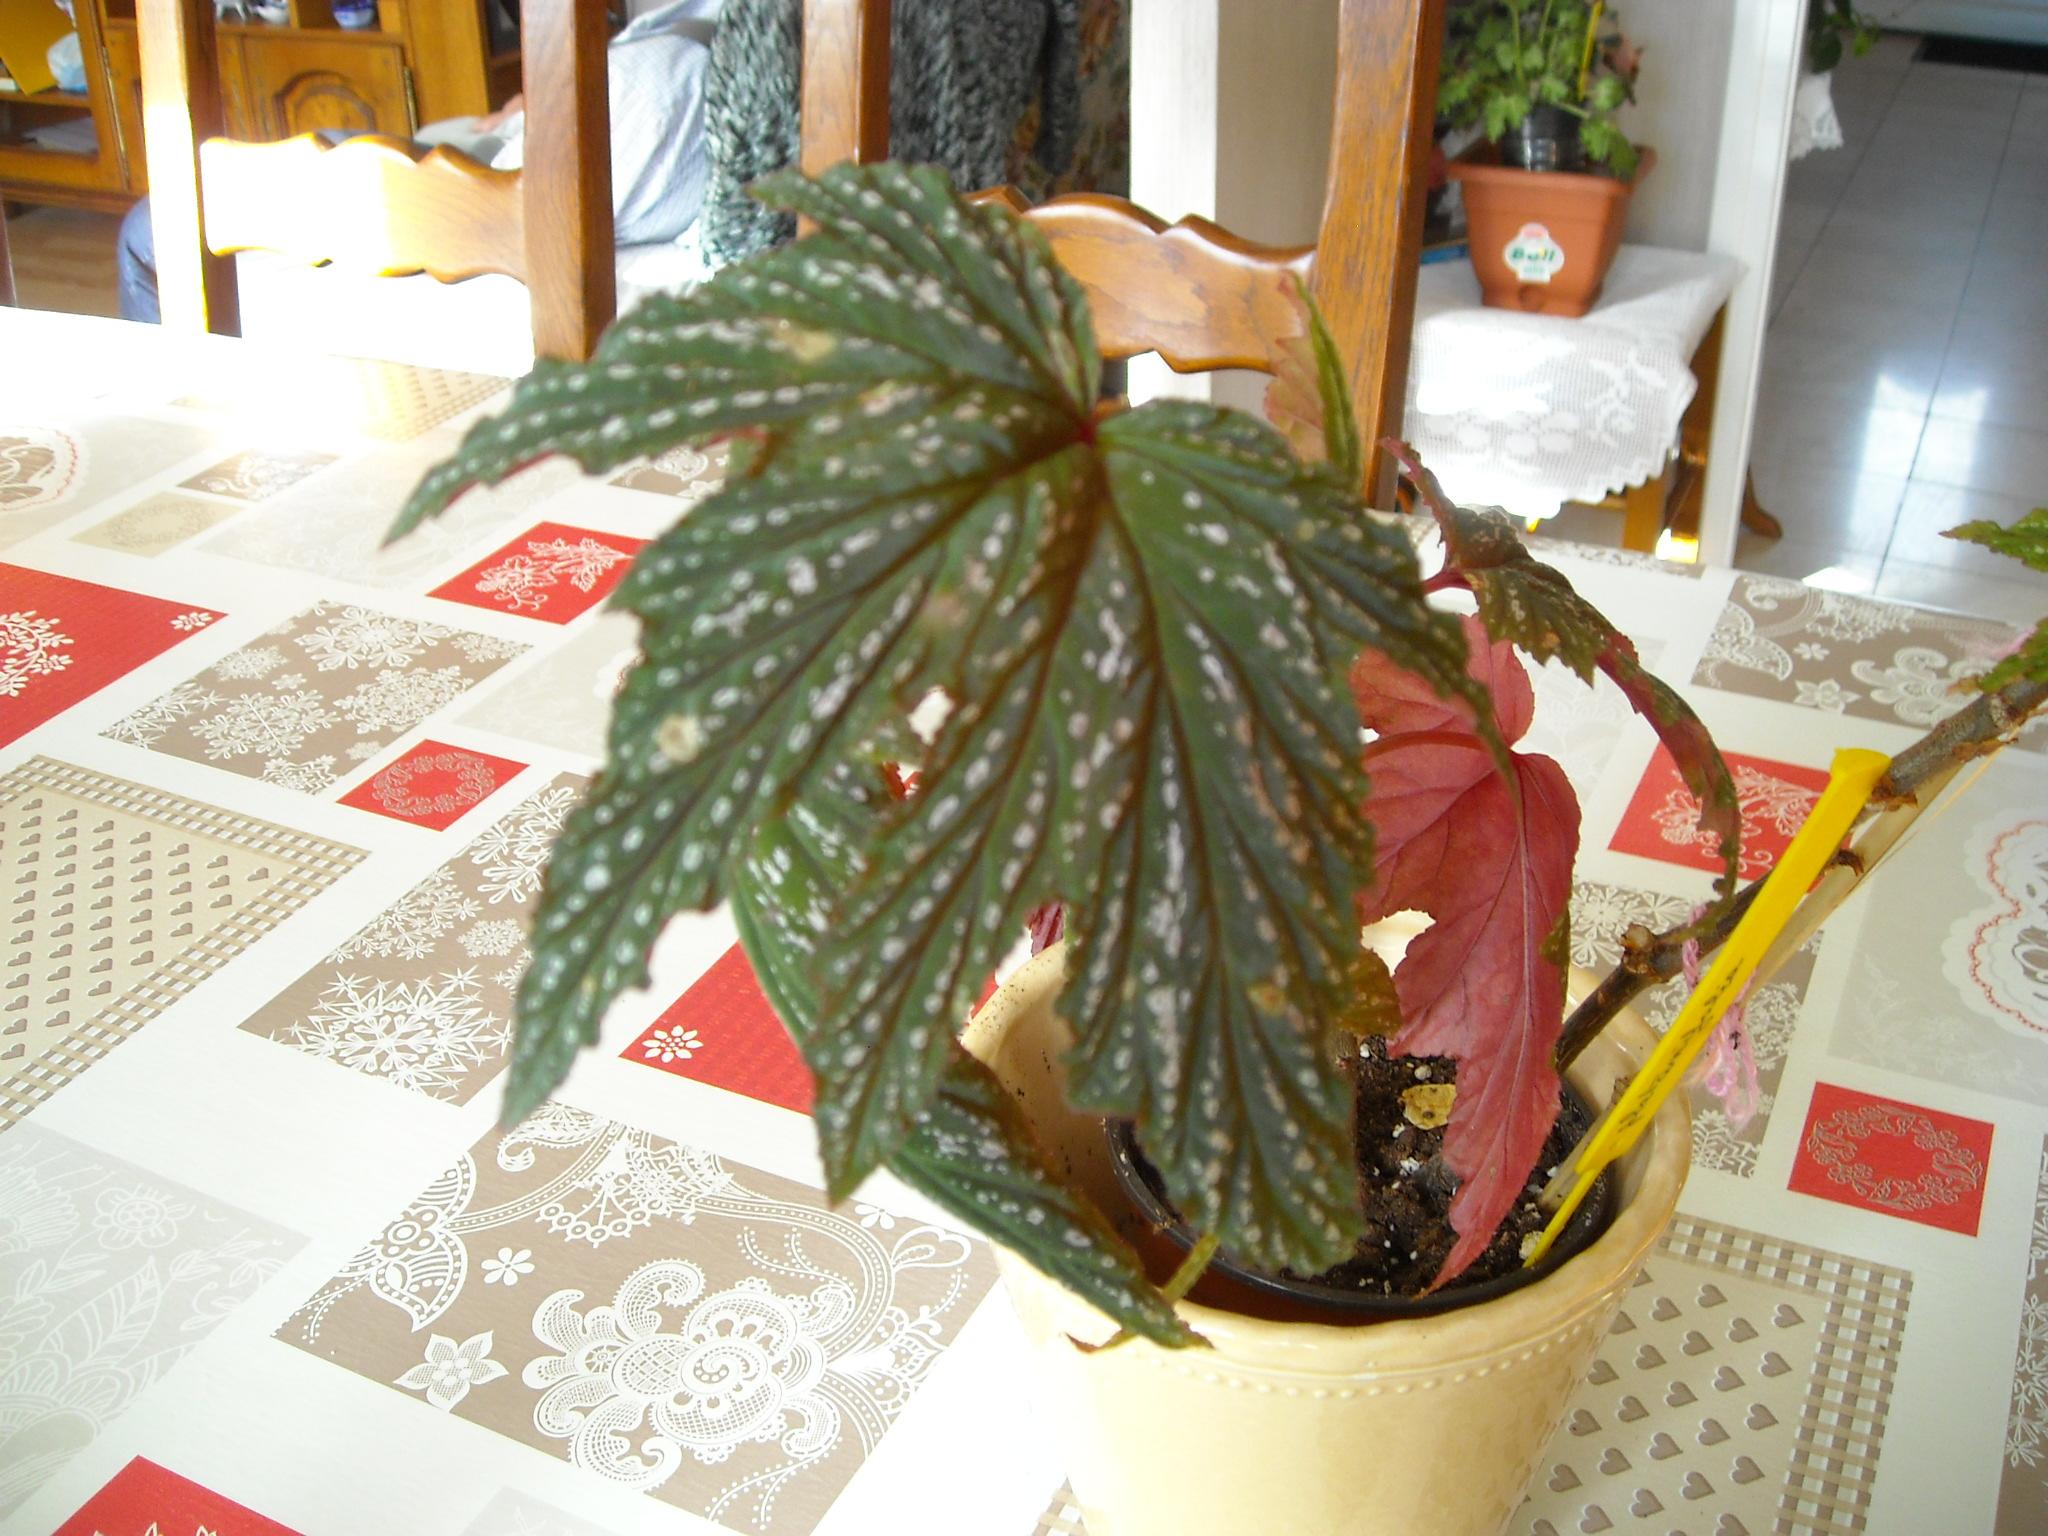 Bégonia platanifolia ou non ? 193594planatifolia001